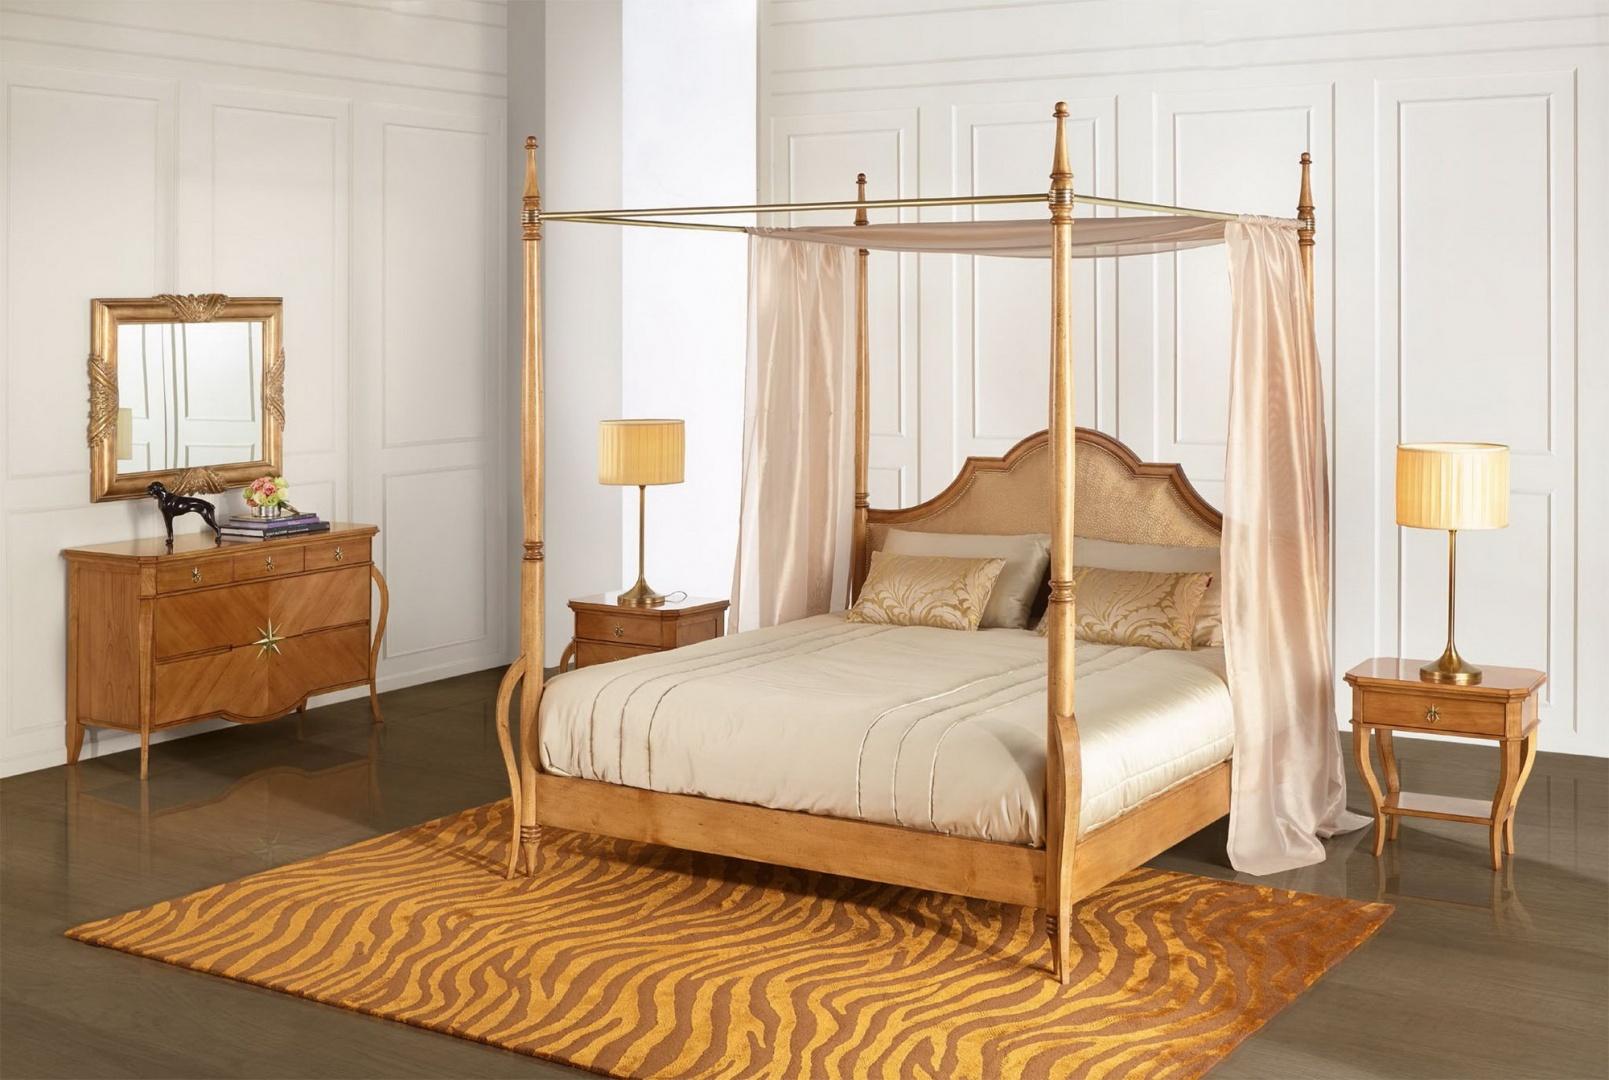 LIBERTY спальня IM 522